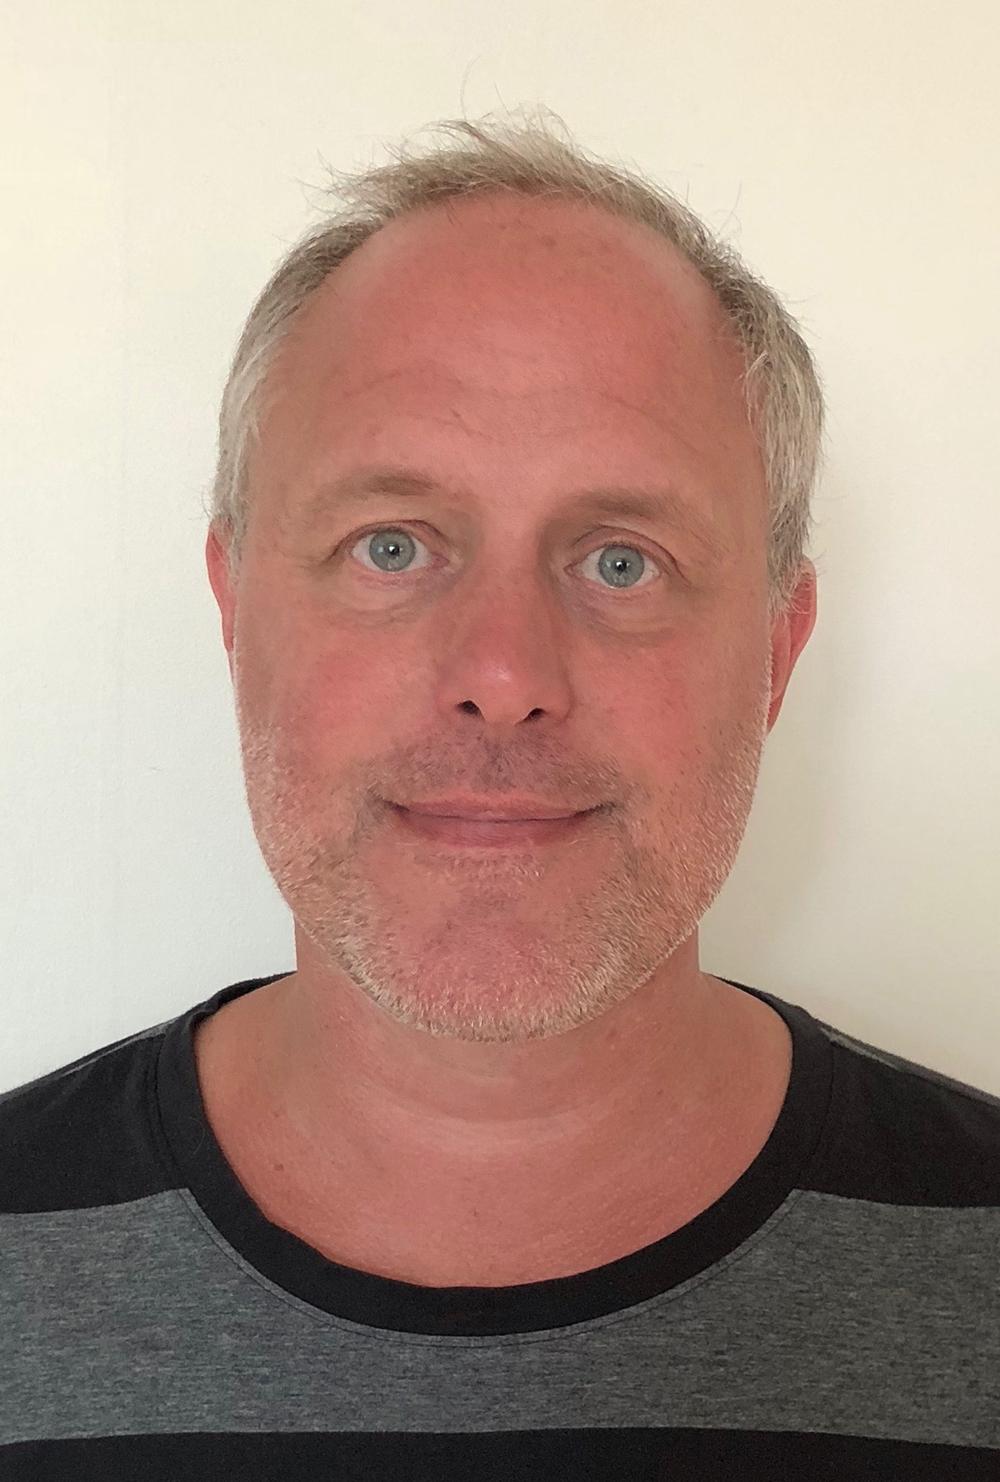 Göteborgaren Nikolai Waldmans karriärbana sträcker sig över 20 år tillbaka i tiden. I dag driver Nikolai bolaget Waldman Media, samt CAN Film tillsammans med Clas Hakeröd.